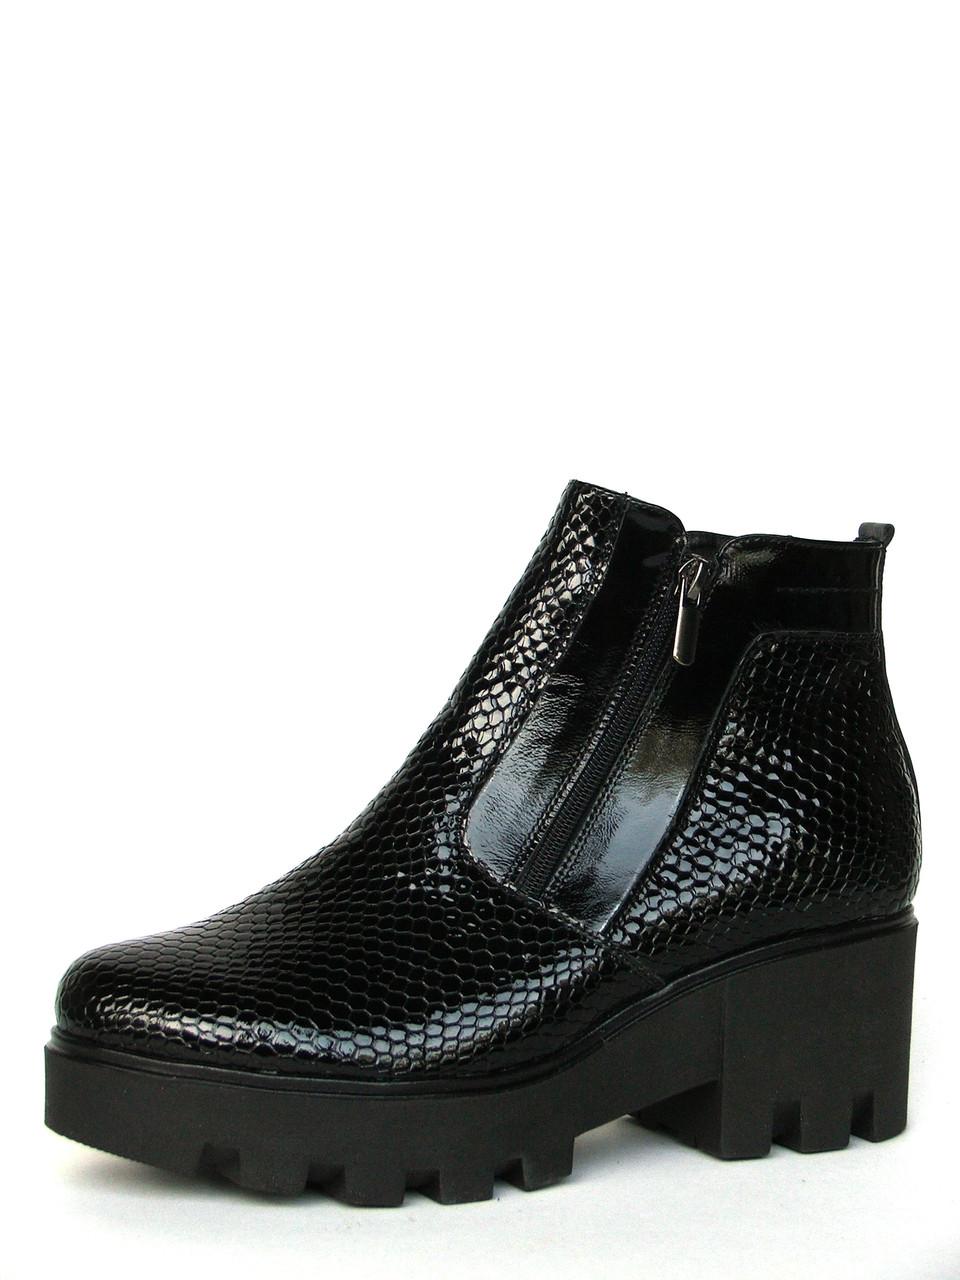 """Женские ботинки """"Две молнии на тракторной подошве"""" из фактурной лаковой кожи"""